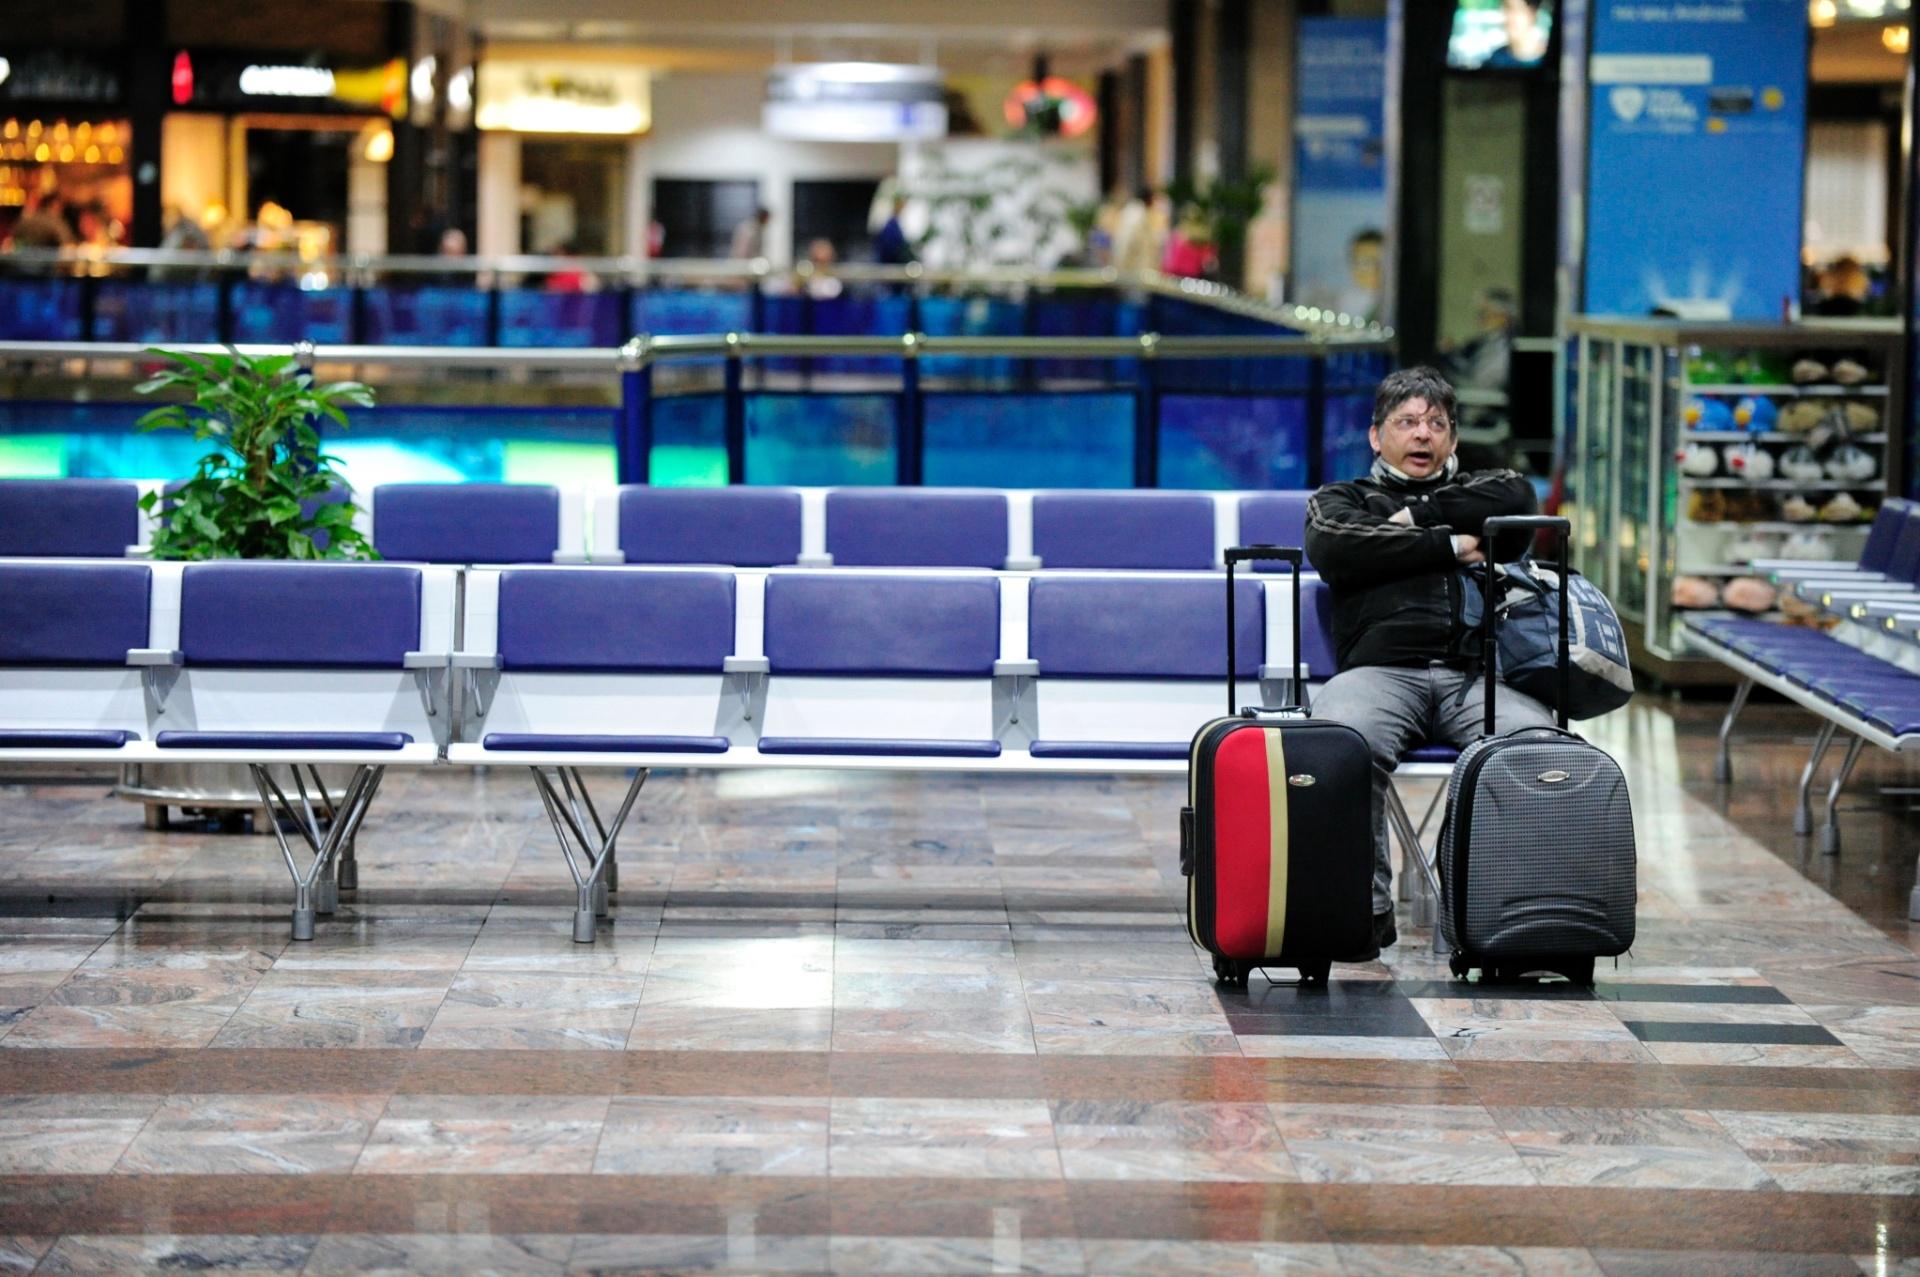 dac21fe6324 Loja em aeroporto custa de 3 a 4 vezes mais que em shopping